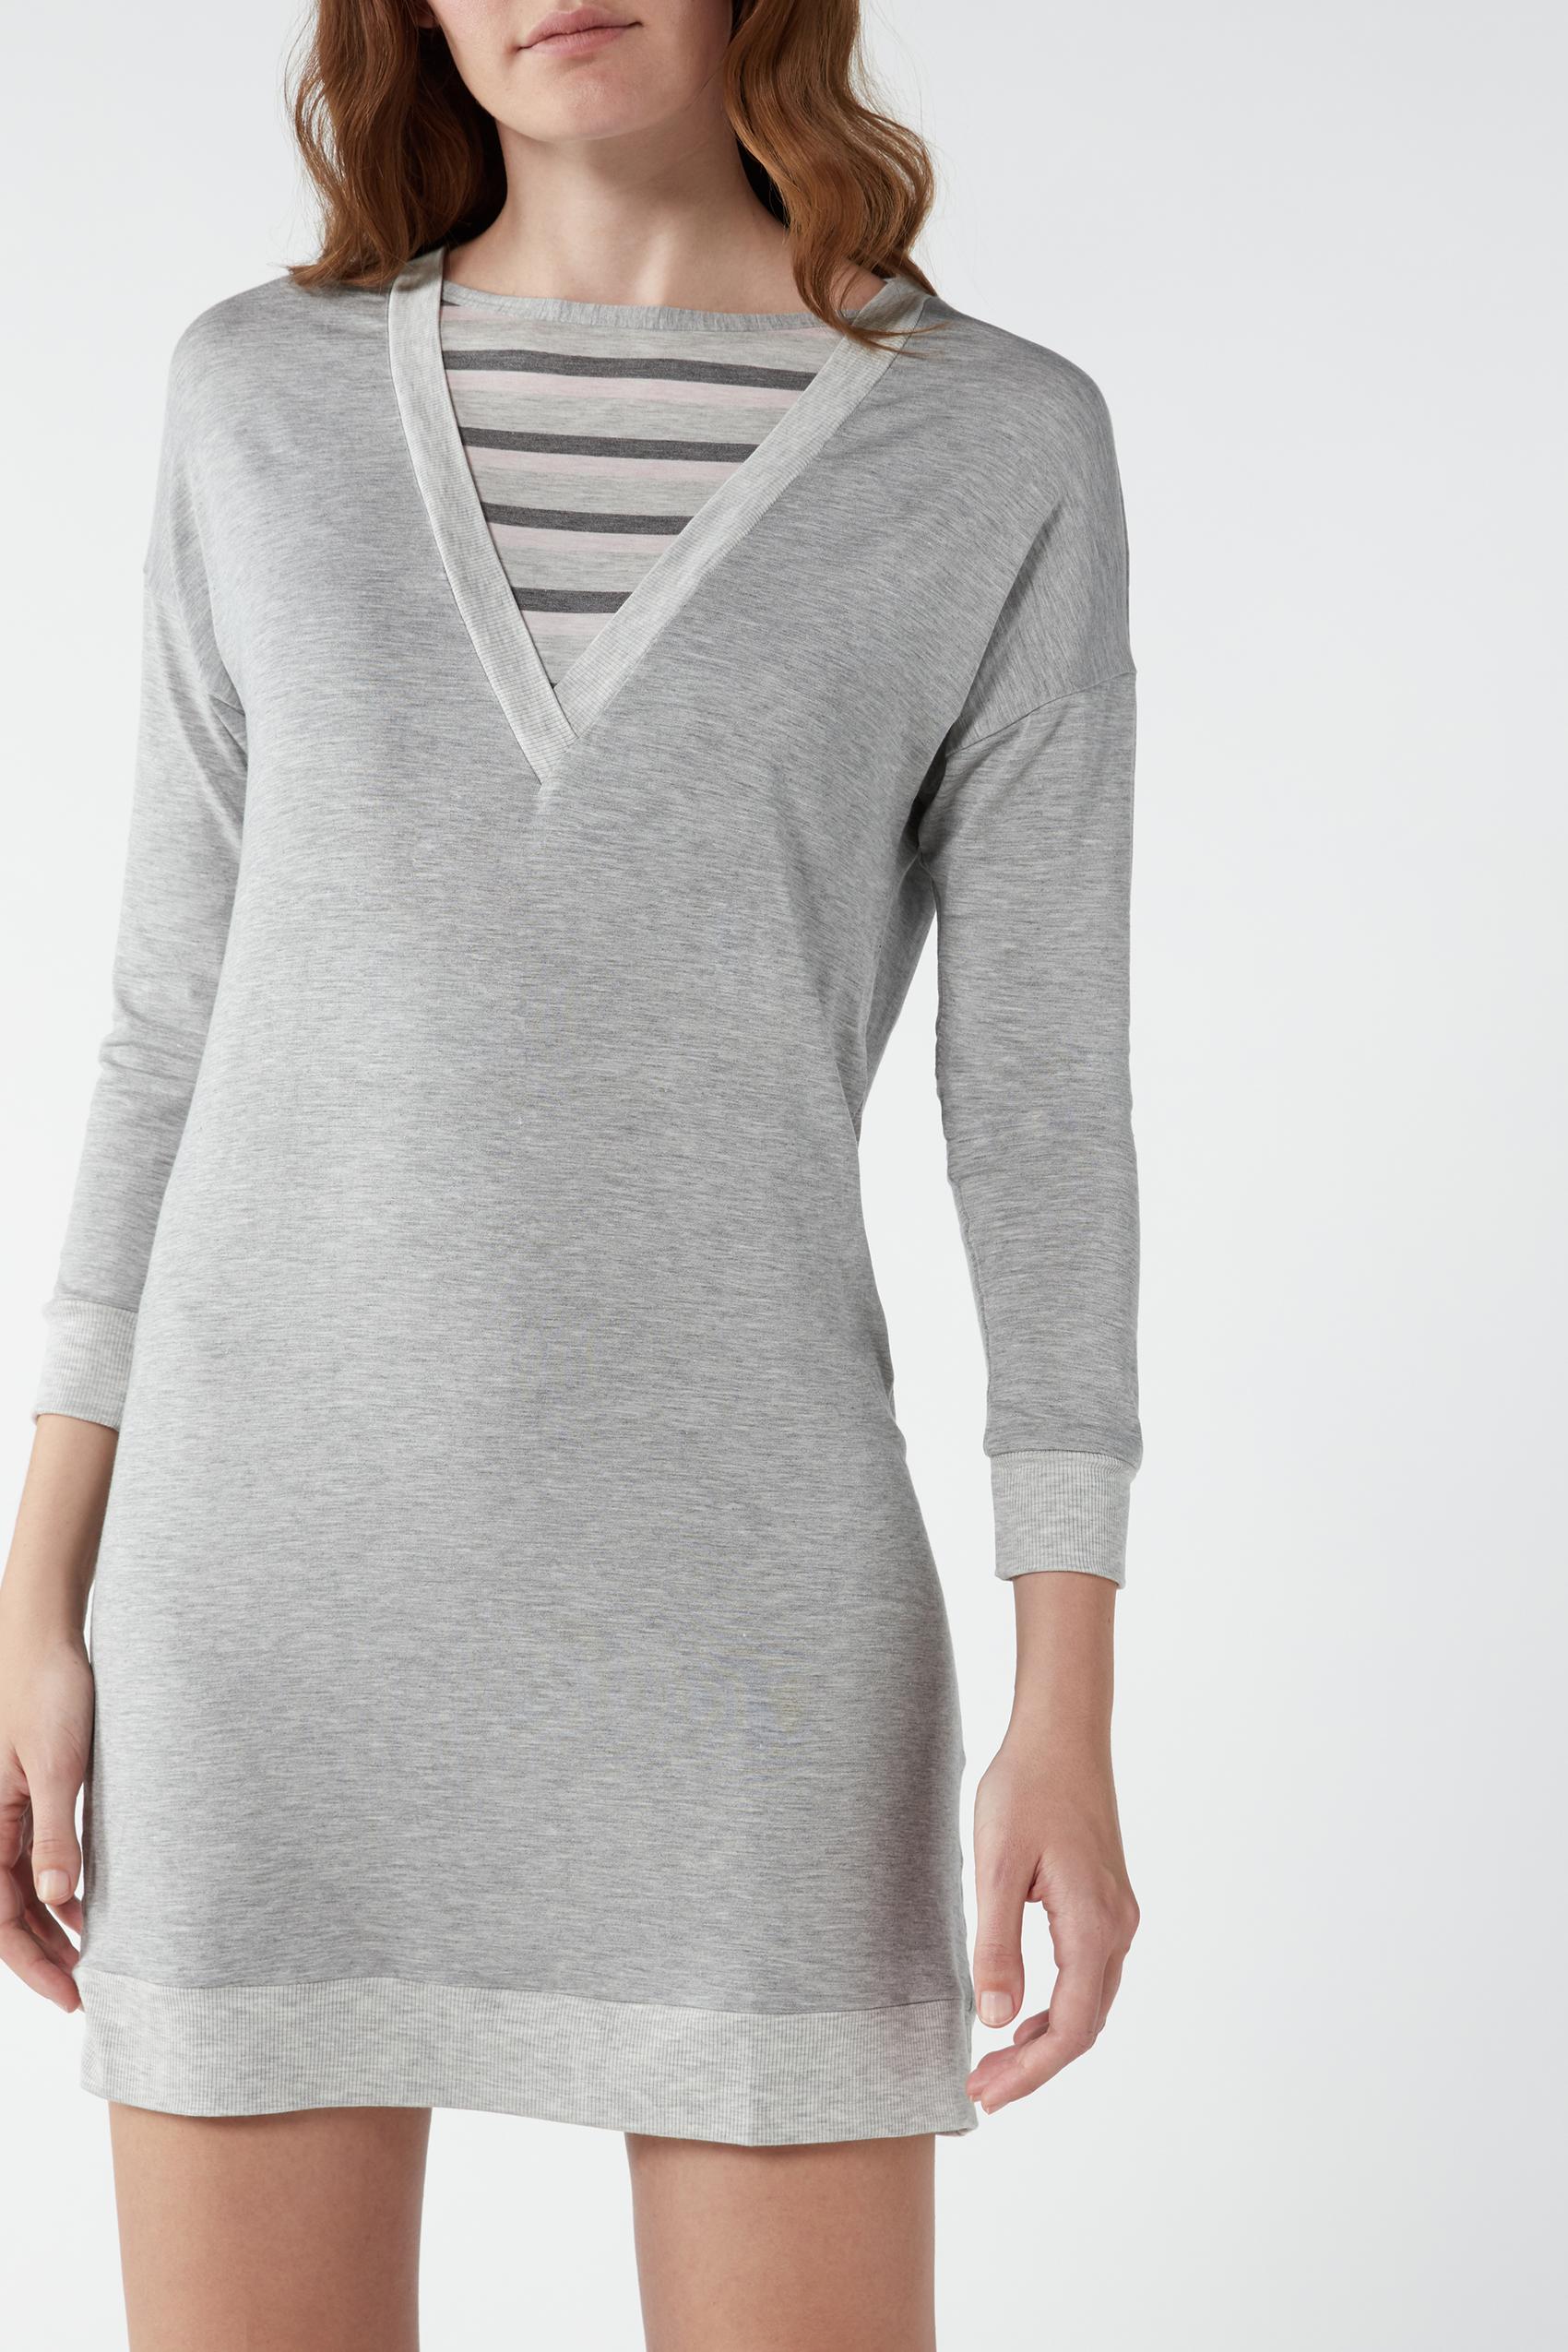 EX M S il comfort fresco cotone modal Star Camicia da notte lunga Lounge dimensioni 8-18